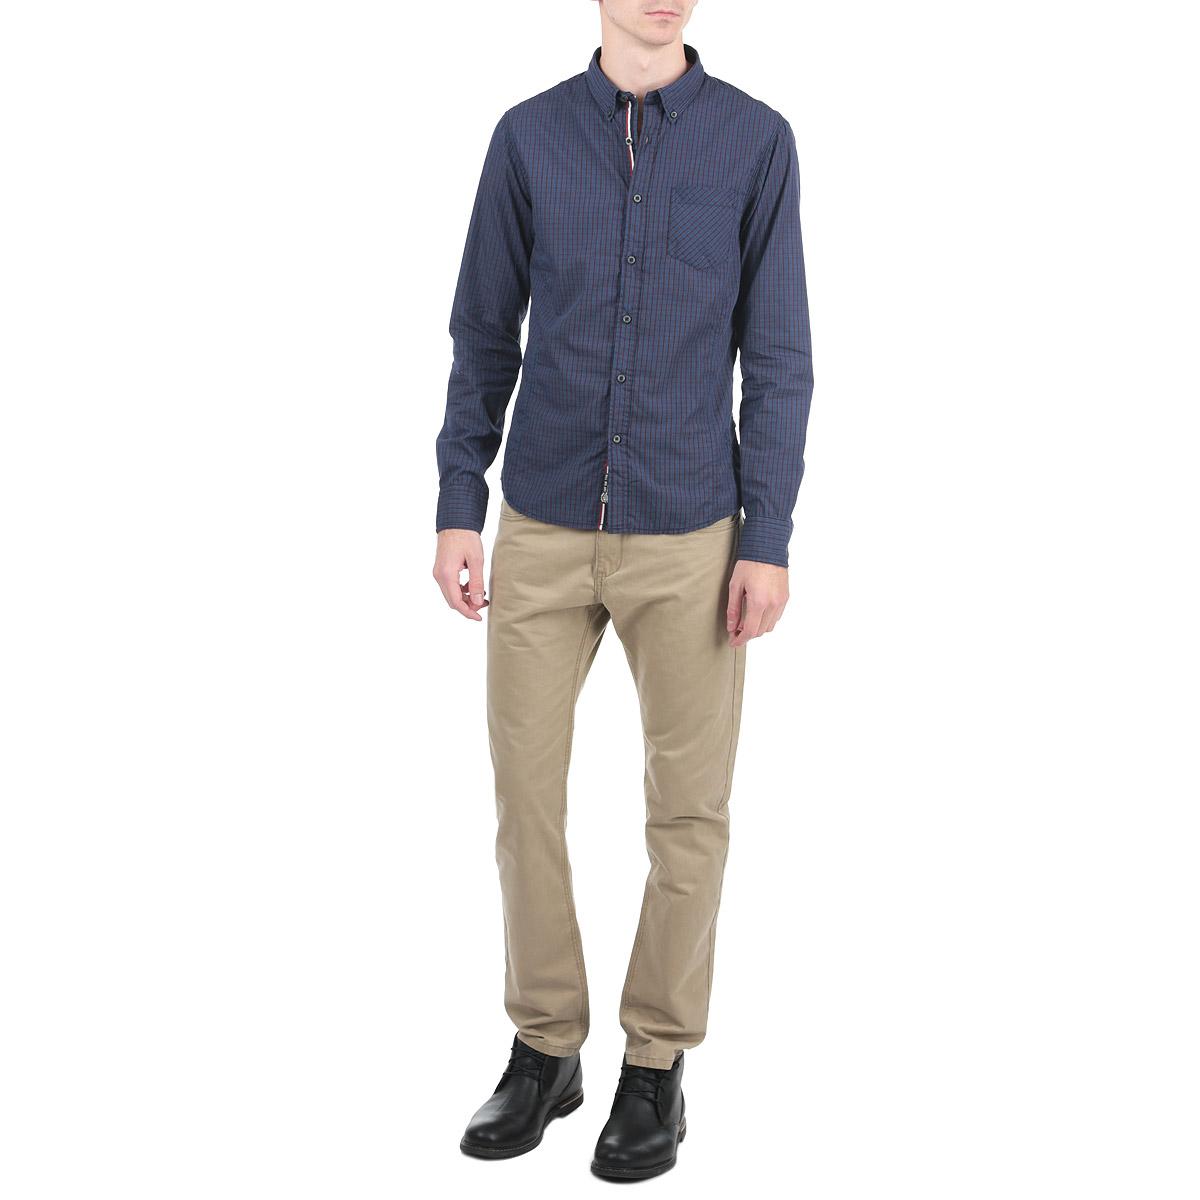 Рубашка10153051_557Стильная рубашка с длинными рукавами, отложным воротником и застежкой на пуговицы приятная на ощупь, не сковывает движения, обеспечивая наибольший комфорт. Рубашка оформлена ярким клетчатым принтом и накладными карманами. Рубашка, выполненная из хлопка, обладает высокой воздухопроницаемостью и гигроскопичностью, позволяет коже дышать, тем самым обеспечивая наибольший комфорт при носке даже самым жарким летом. Эта модная и удобная рубашка послужит замечательным дополнением к вашему гардеробу.